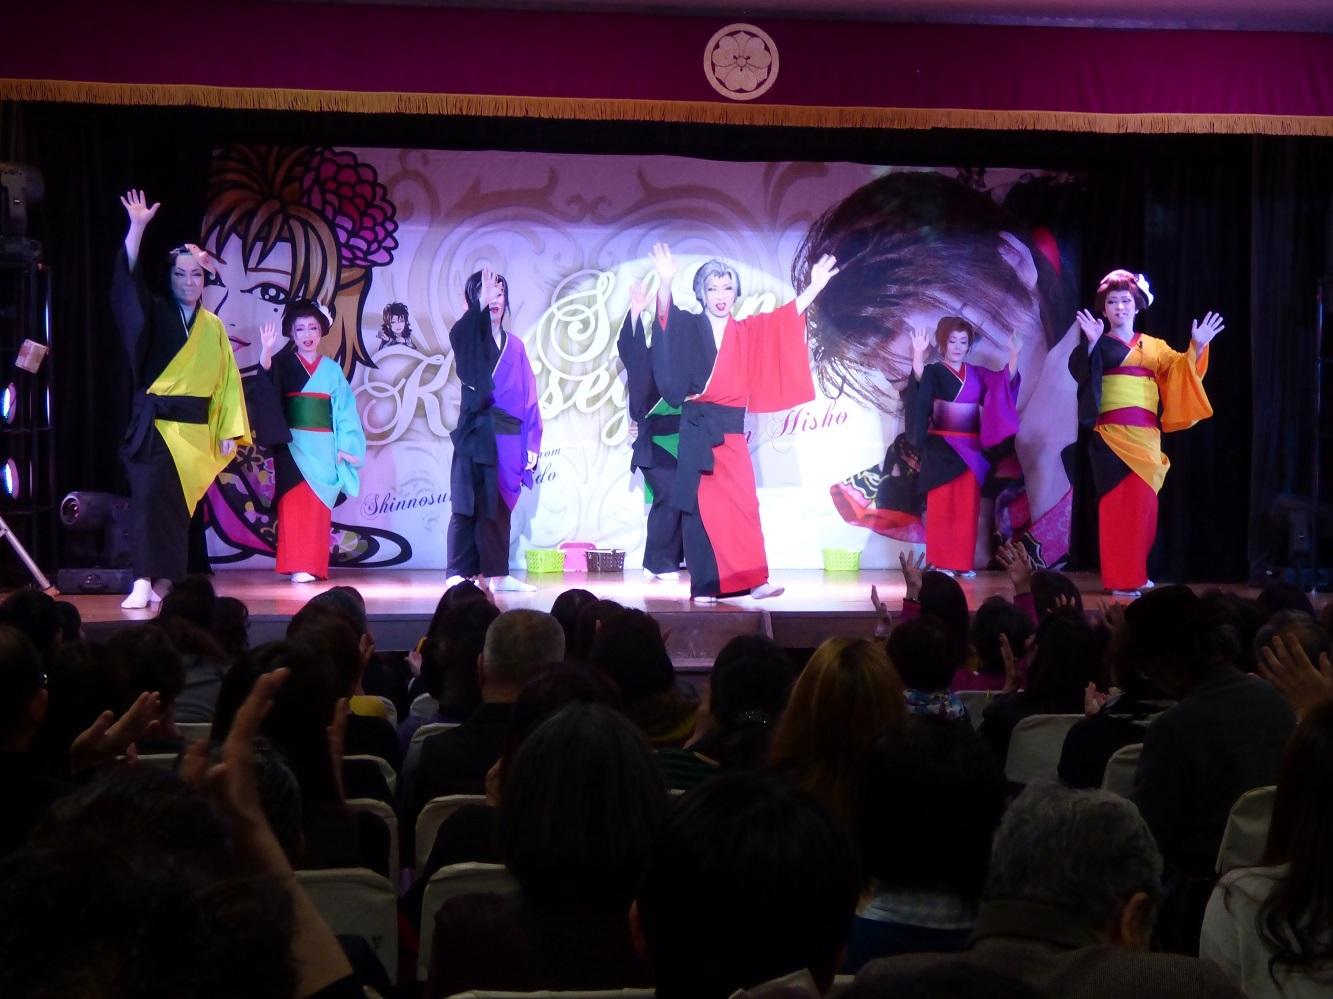 舞台と客席が一体になって盛り上がるのが大衆演劇の魅力。舞台中央が劇団飛翔(ひしょう)・恋瀬川翔炎(こいせがわ・しょうえん)座長。